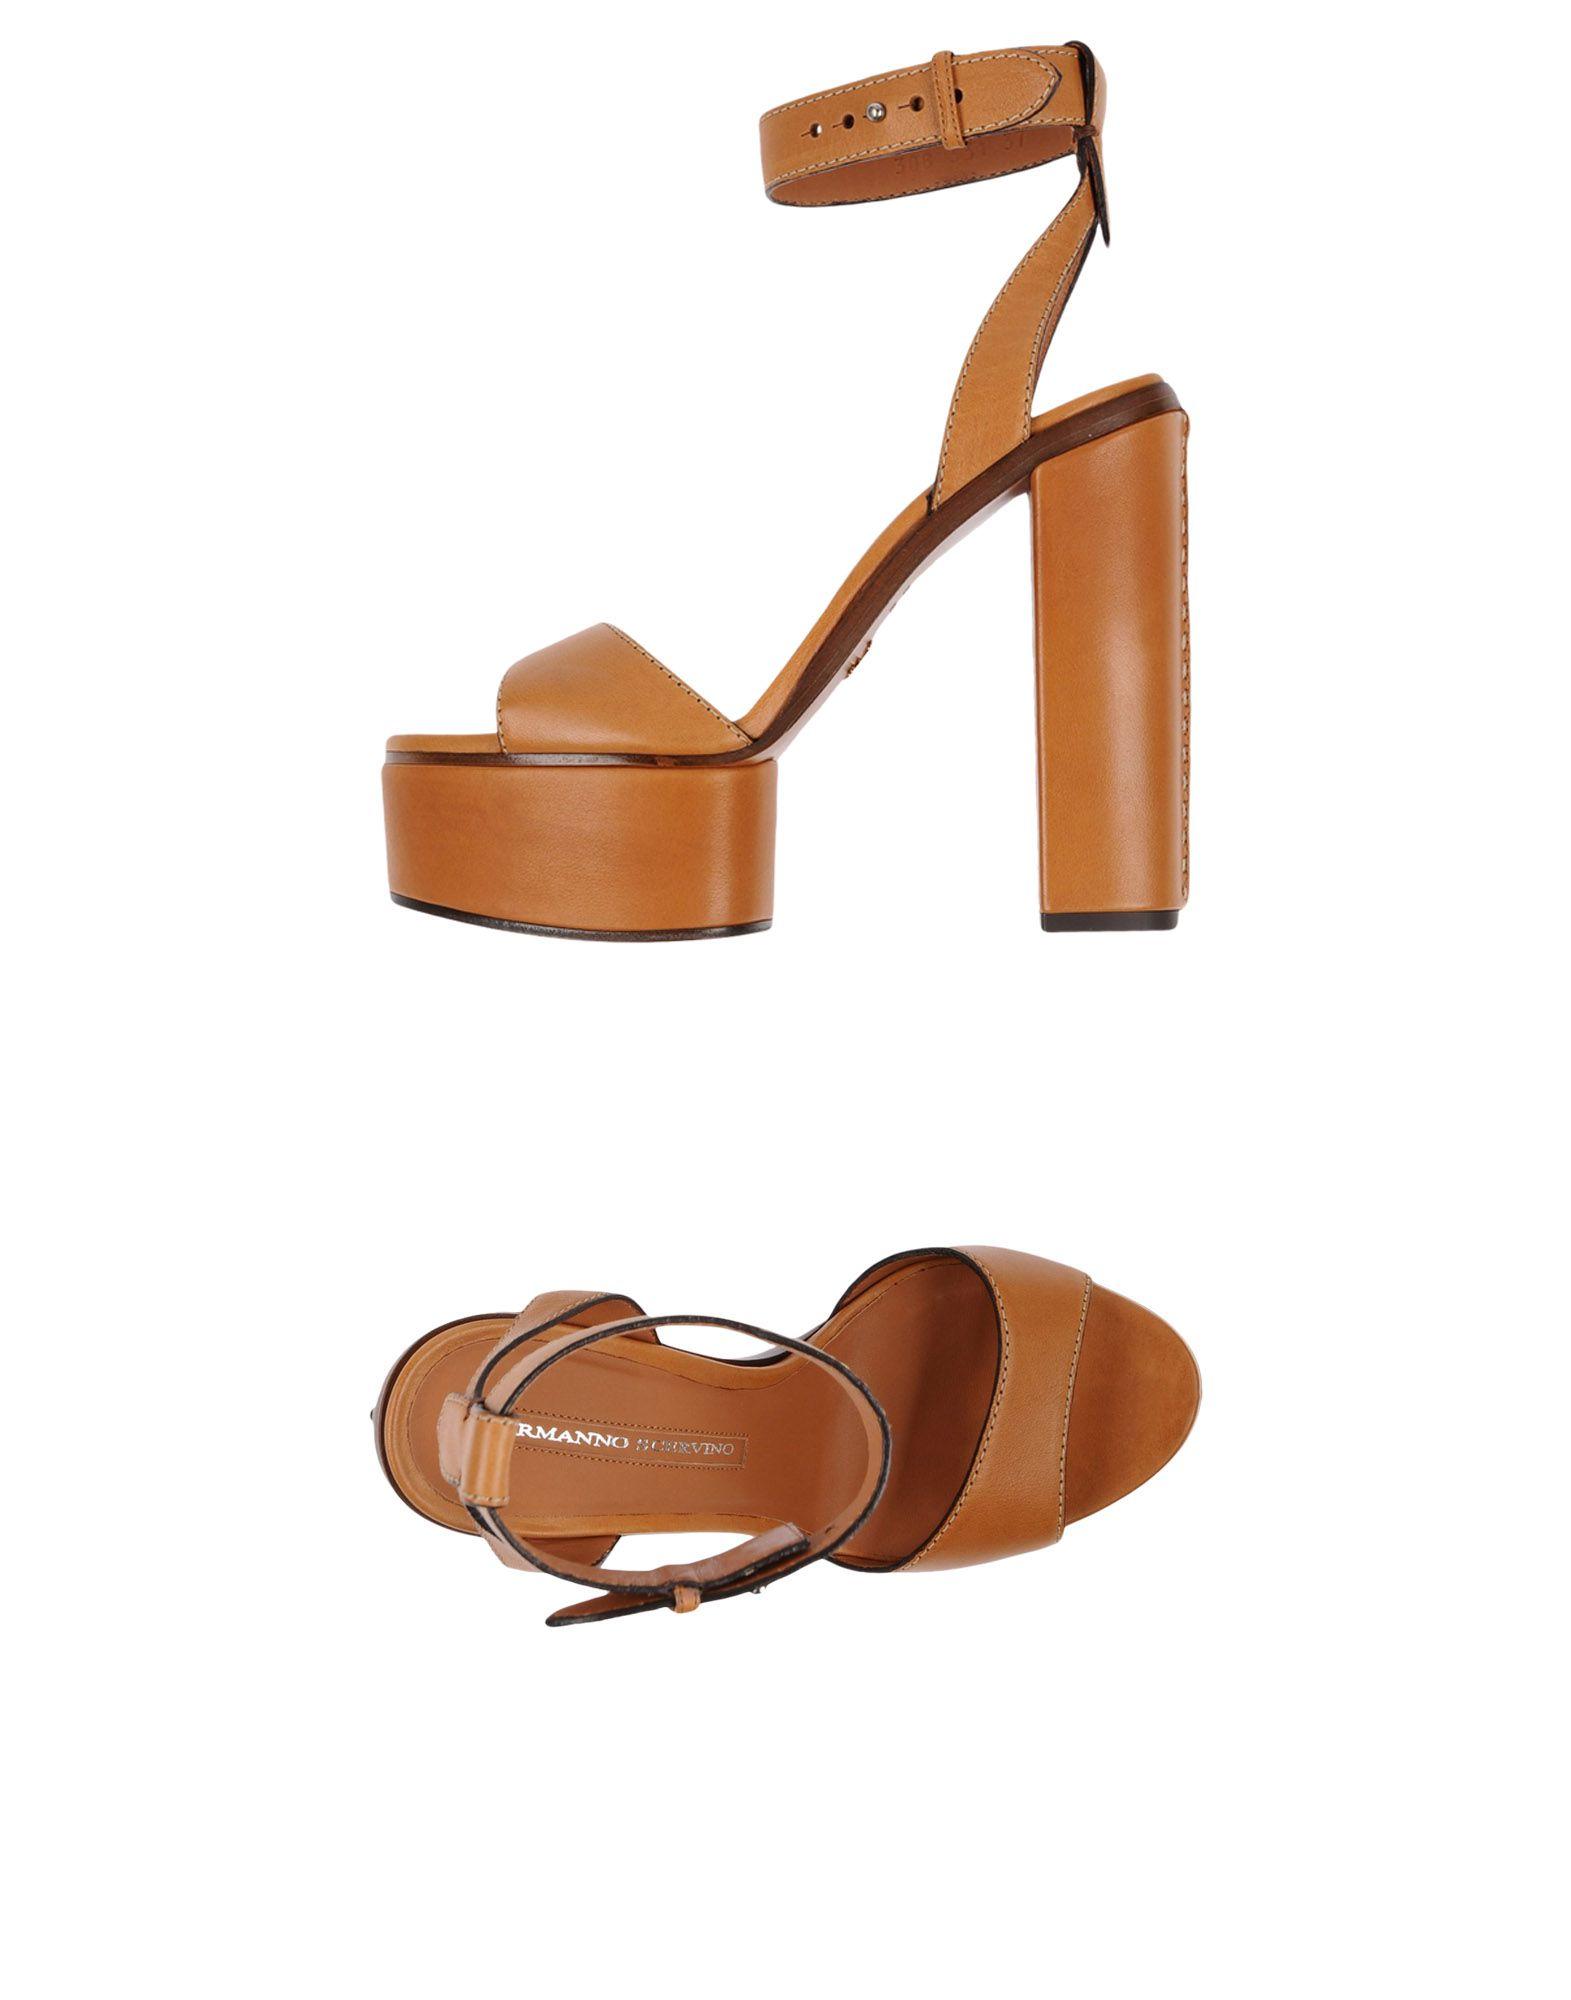 Ermanno Scervino Sandalen Damen  11446624GRGut aussehende strapazierfähige Schuhe